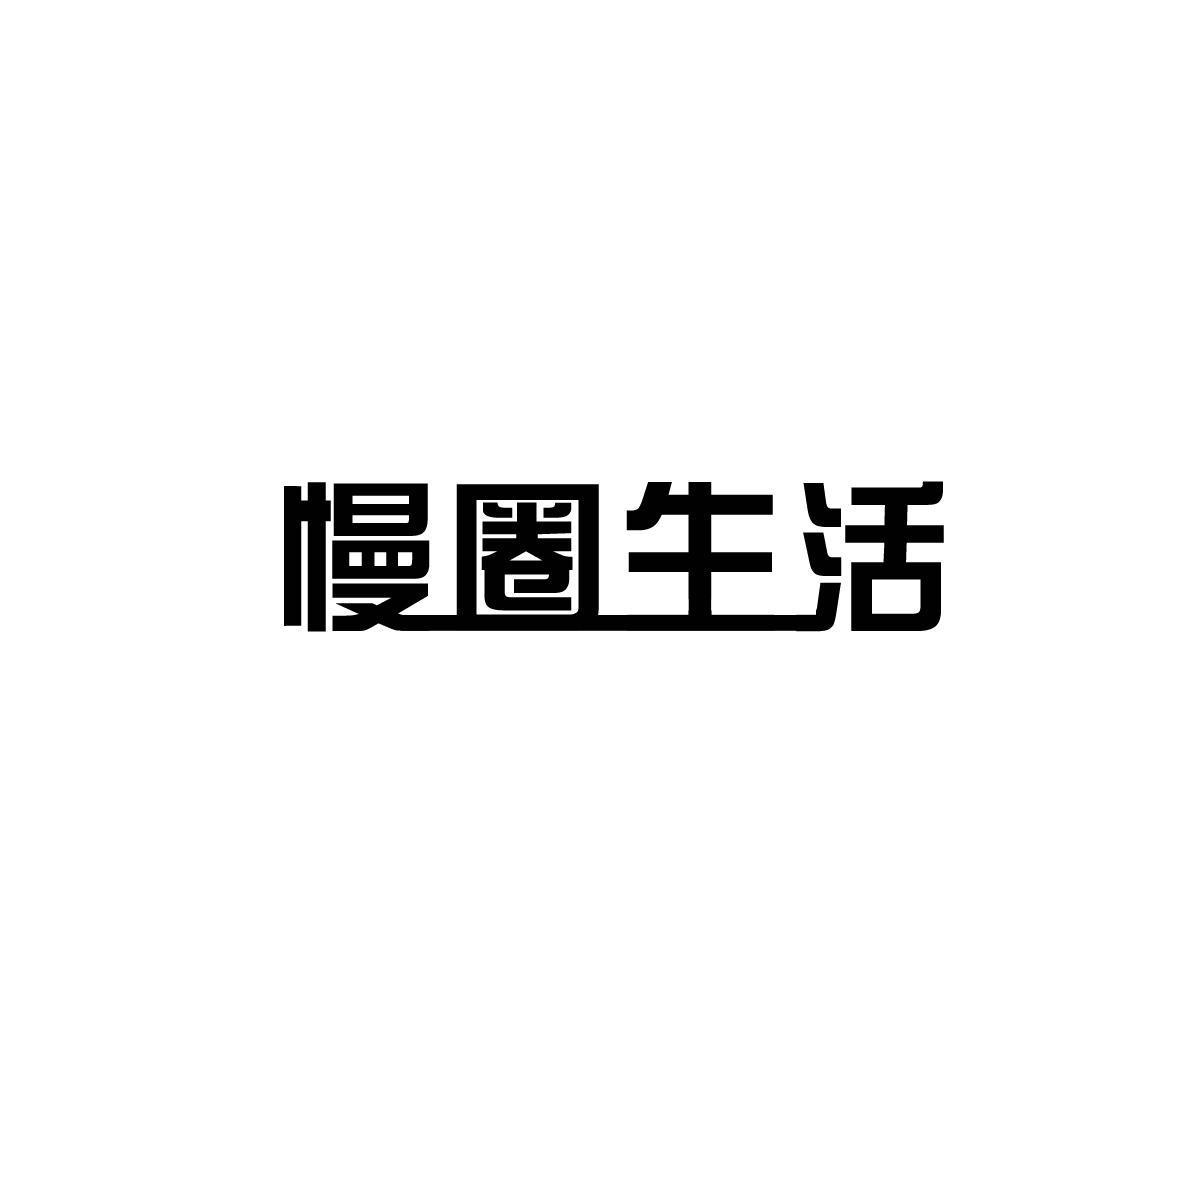 [18类]慢圈生活